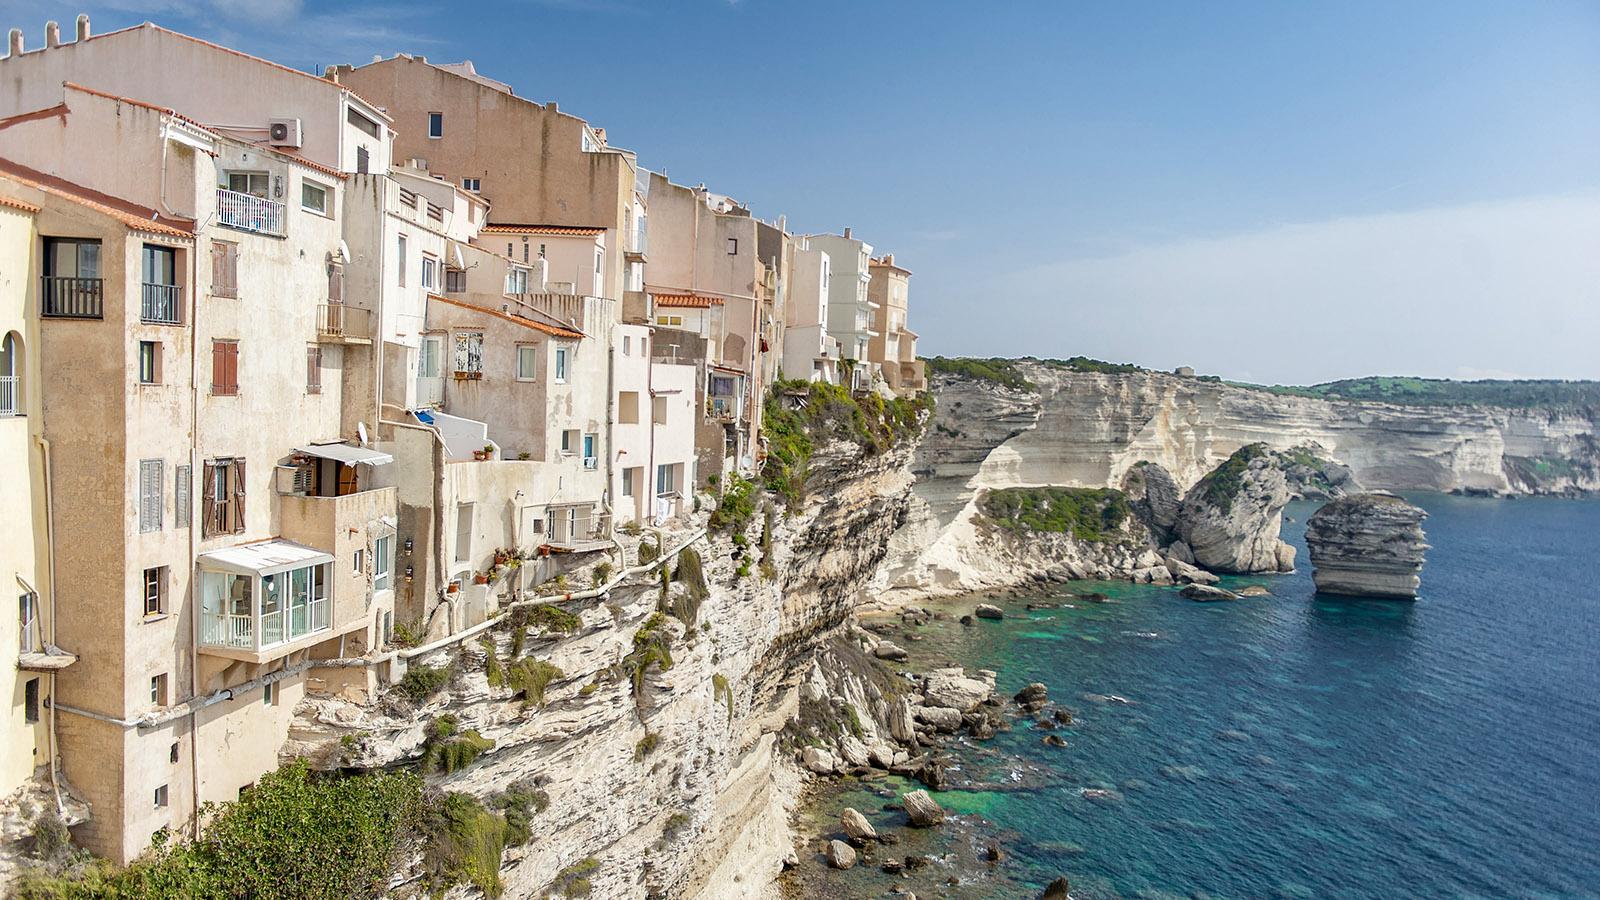 Die Altstadt von Bonifacio auf den Klippen. Foto: Hilke Maunder